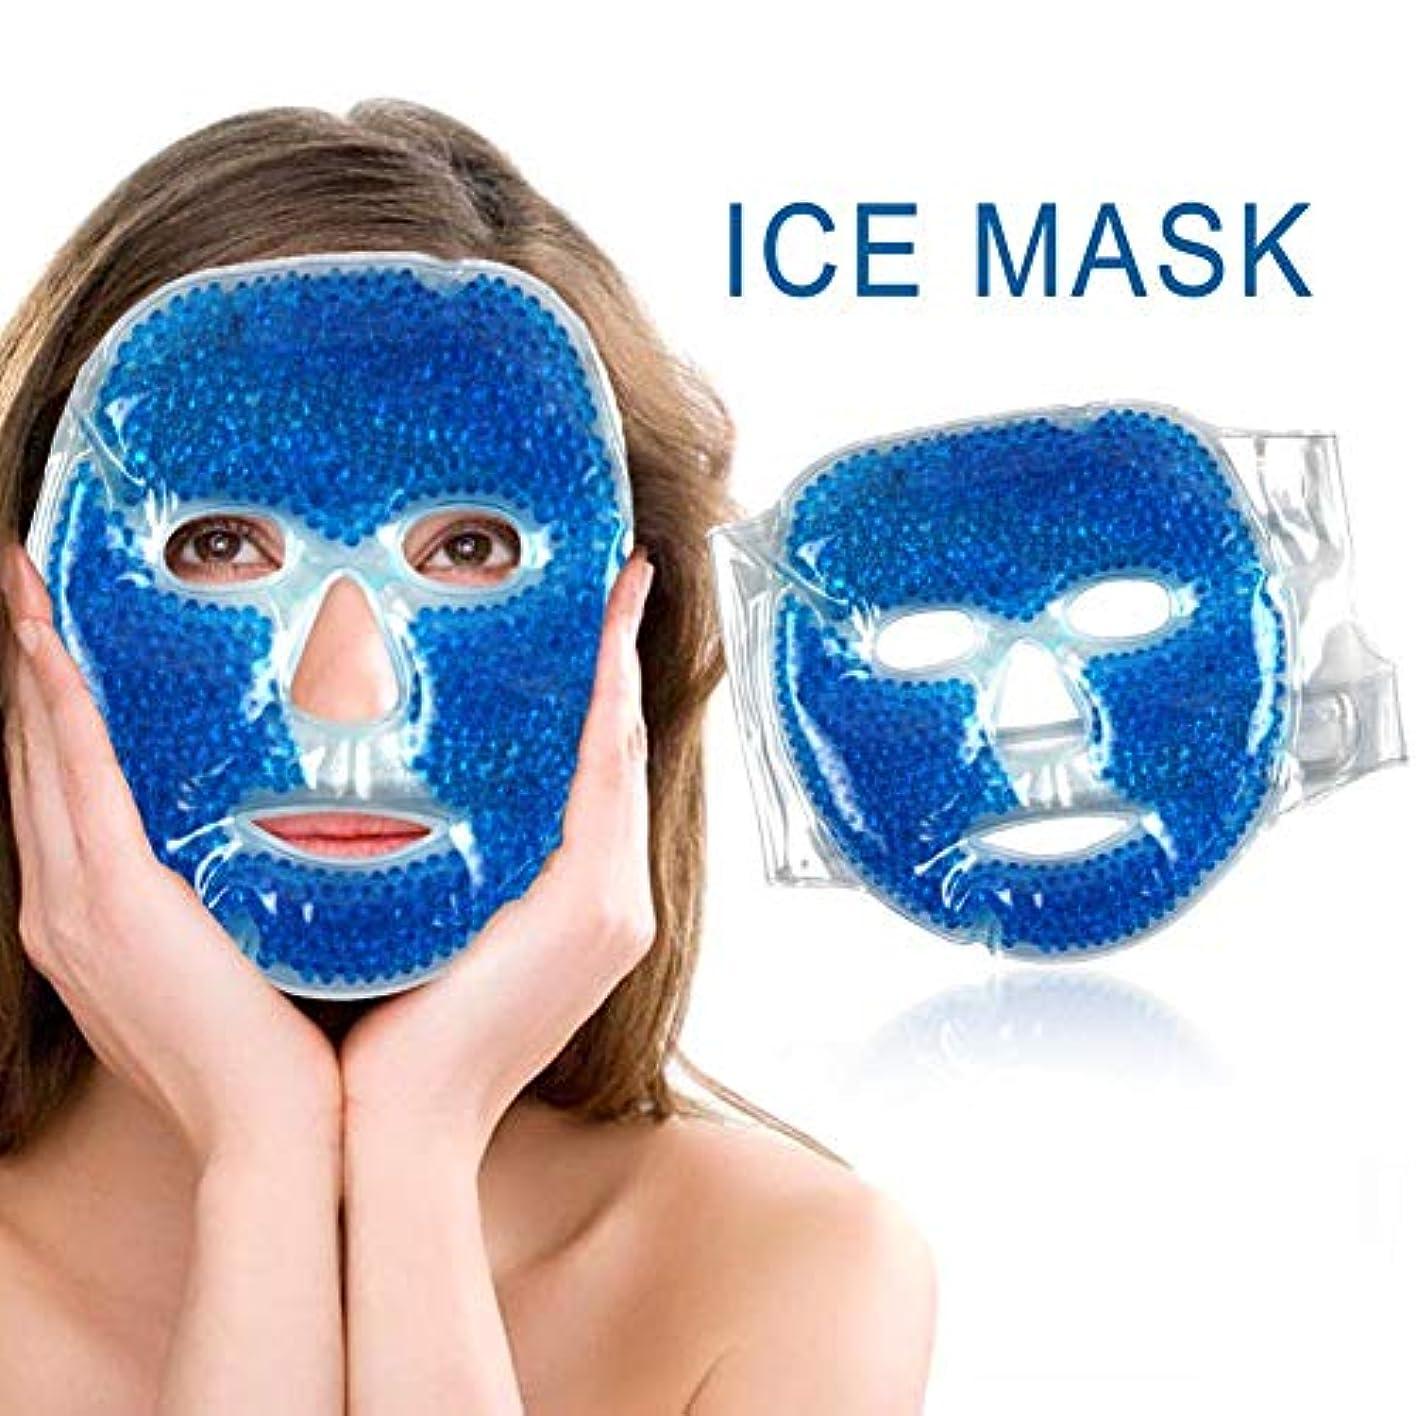 SILUN フェイスマスク 冷温兼用 アイスマスク 美容用 再利用可能 毛細血管収縮 疲労緩和 肌ケア 保湿 吸収しやすい 美容マッサージ